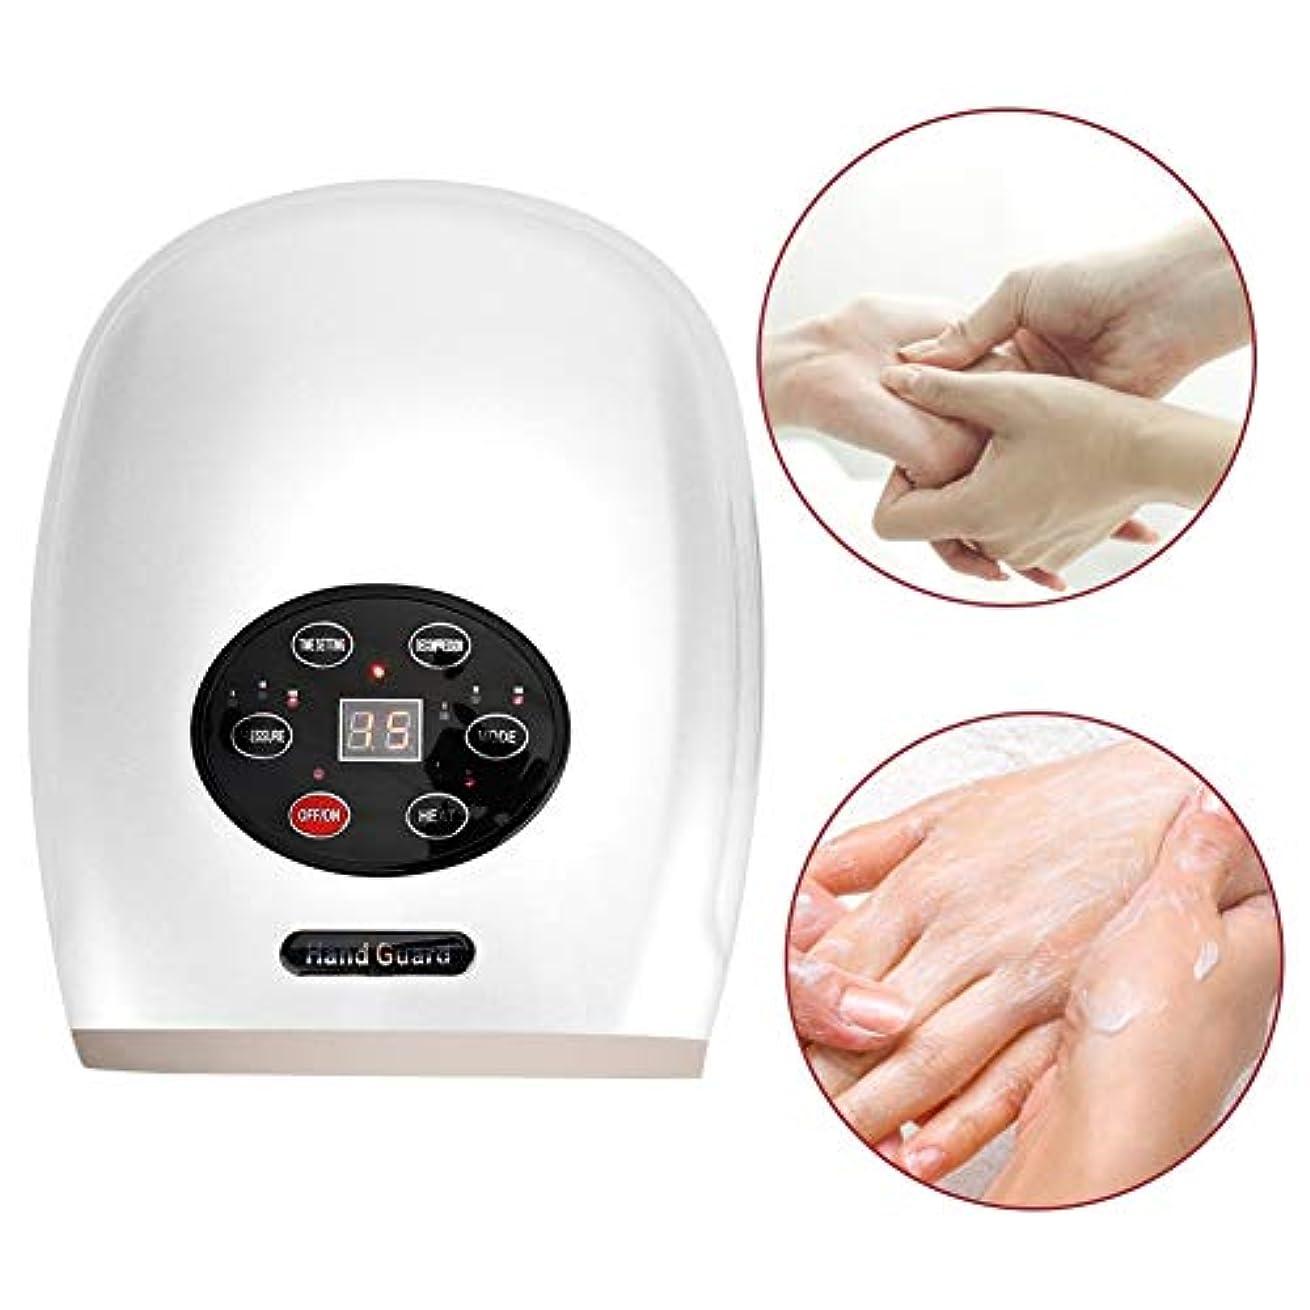 貫通するトロリーバスつぶす電気指圧手のひらマッサージ、指の寒さひずみとしびれリリーフフィンガーアポイントマッサージリリーフハンドケアツール(White US Plug)